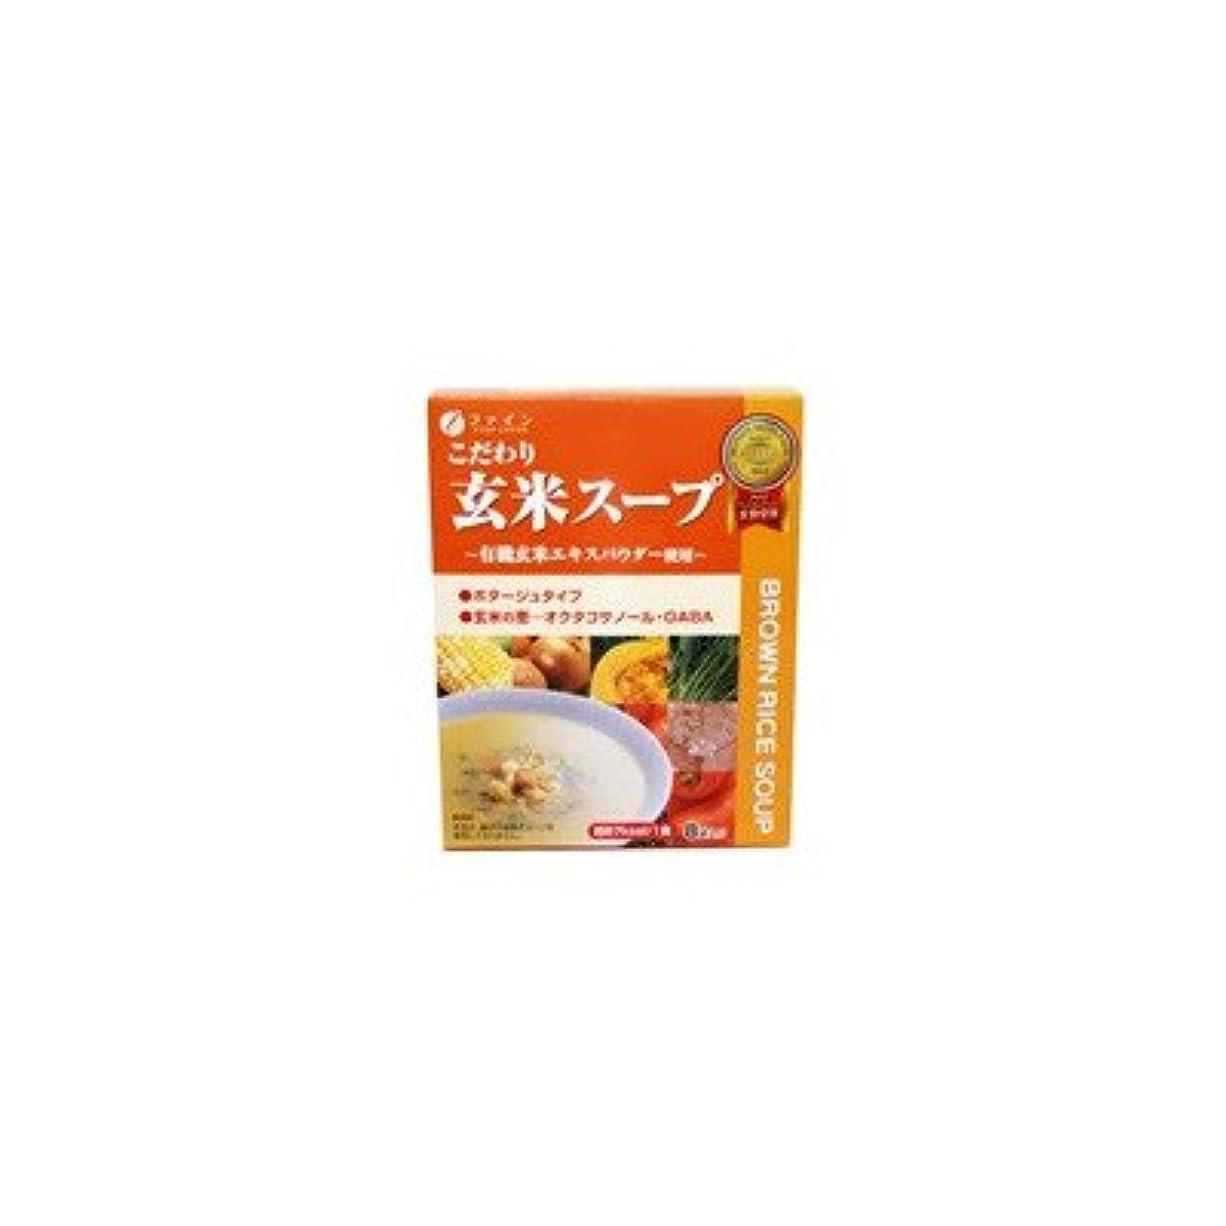 溶かす辞任ニュースファイン 203399 こだわり玄米スープ(8食入り)